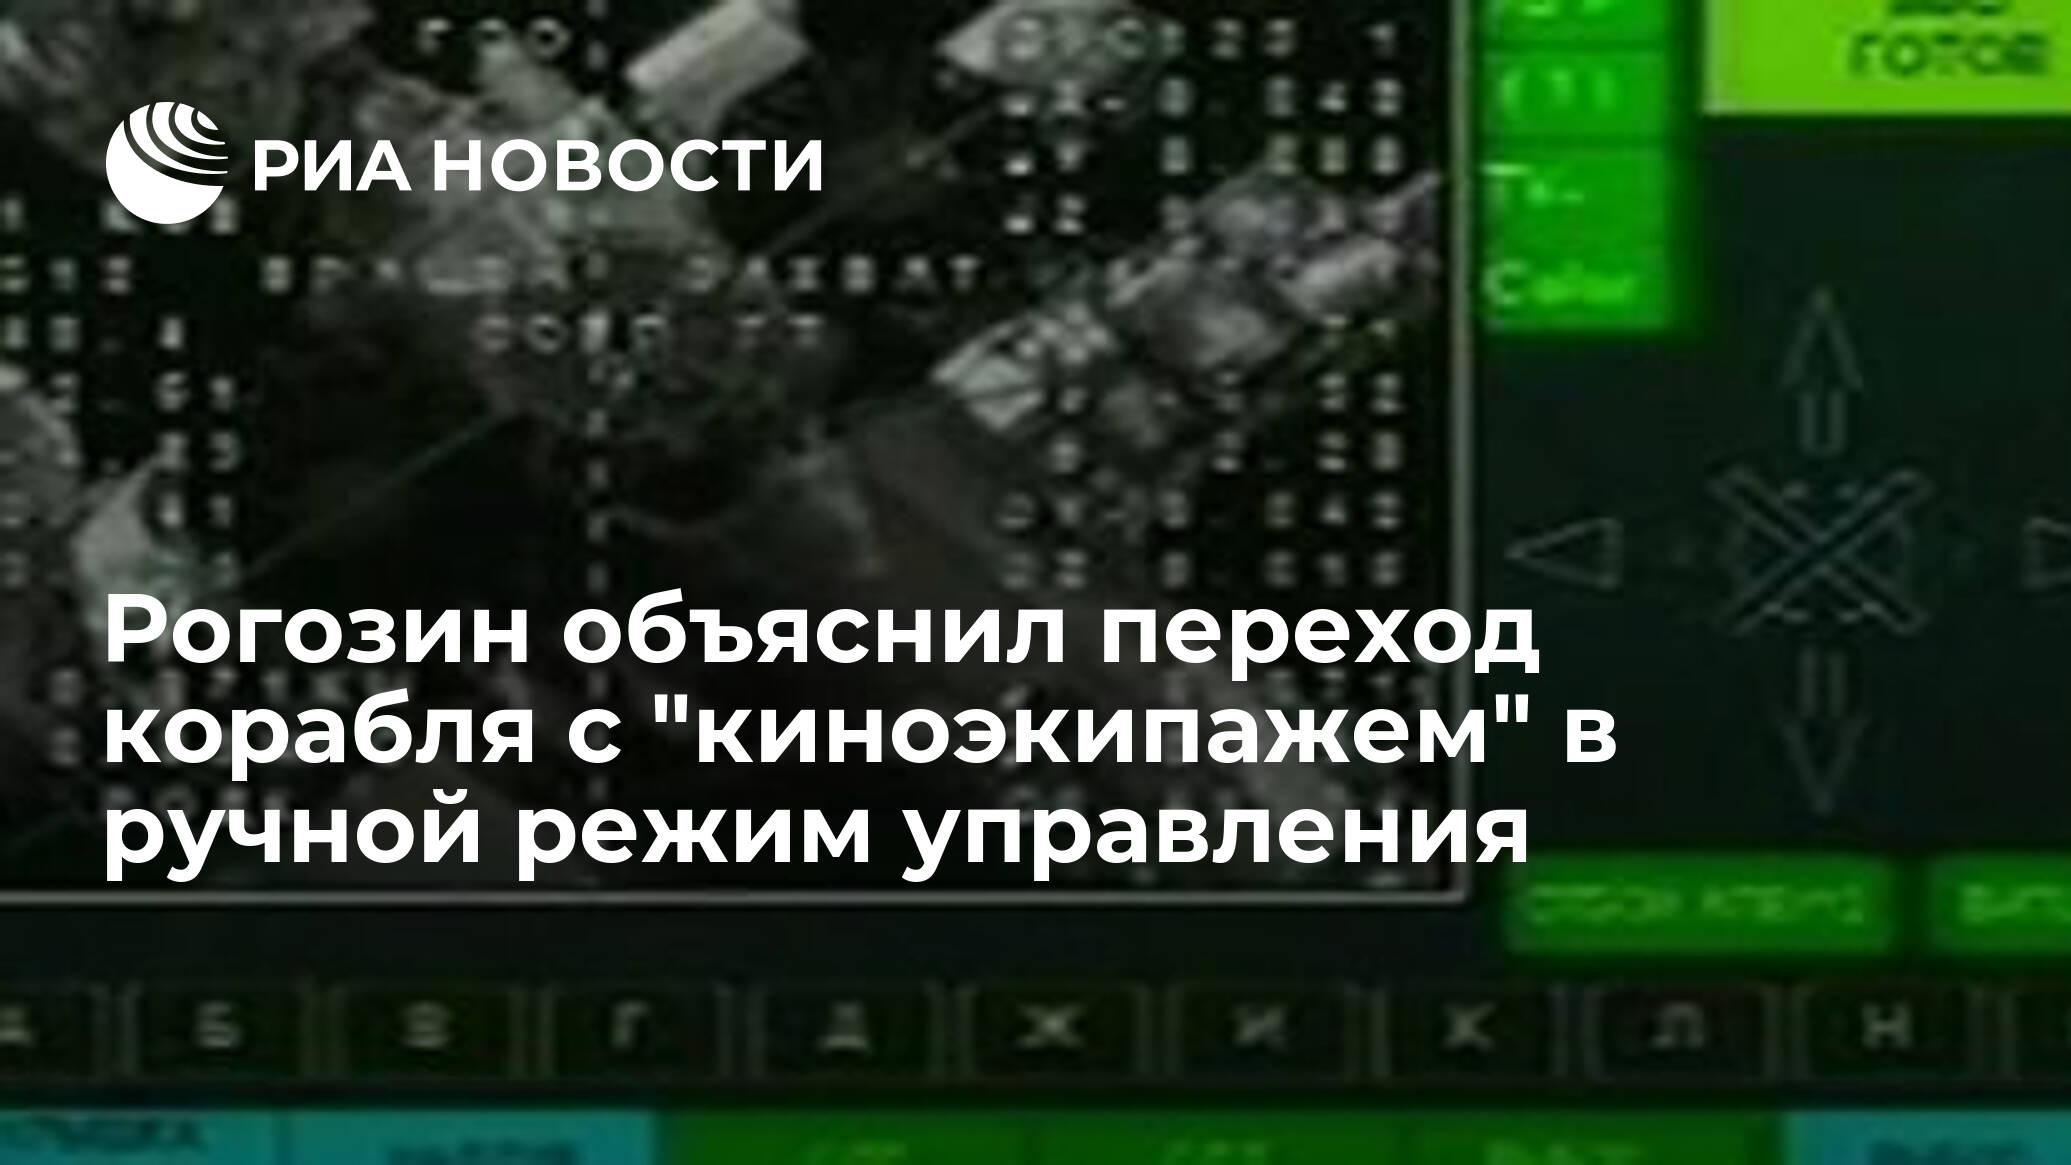 """Рогозин объяснил переход корабля с """"киноэкипажем"""" в ручной режим управления"""